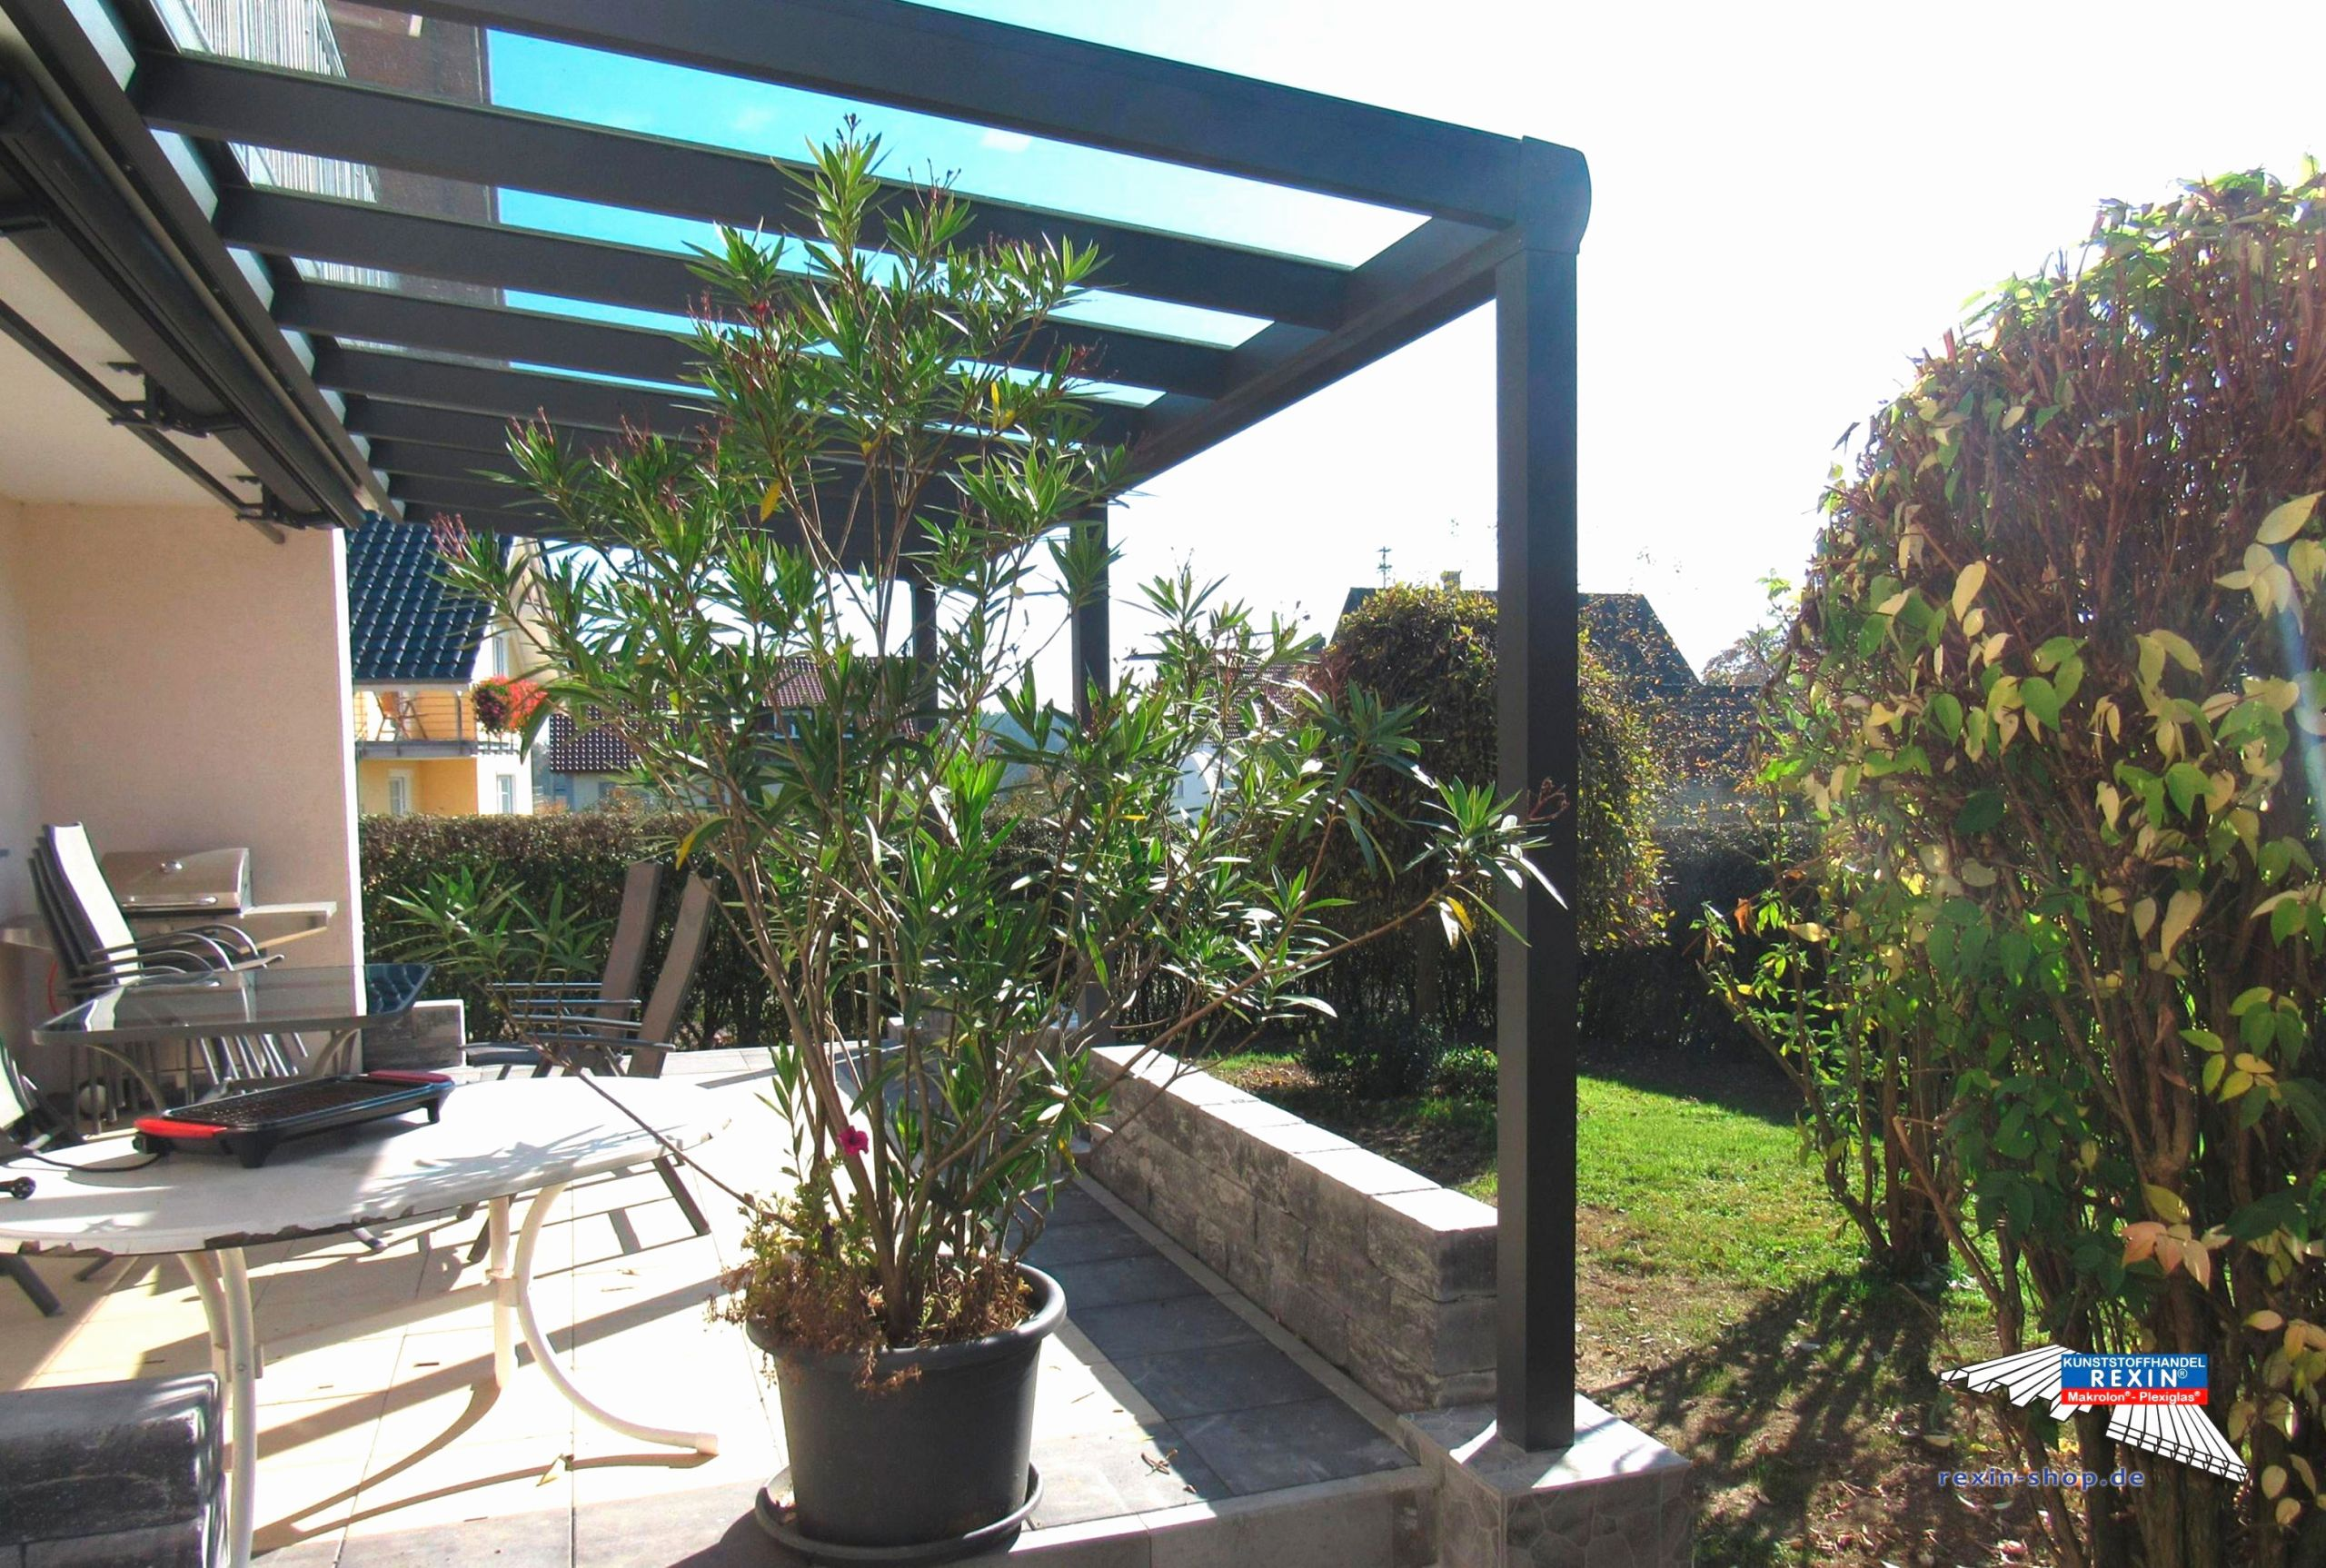 Baumwurzel Dekorieren Elegant Luxus Garten Lounge